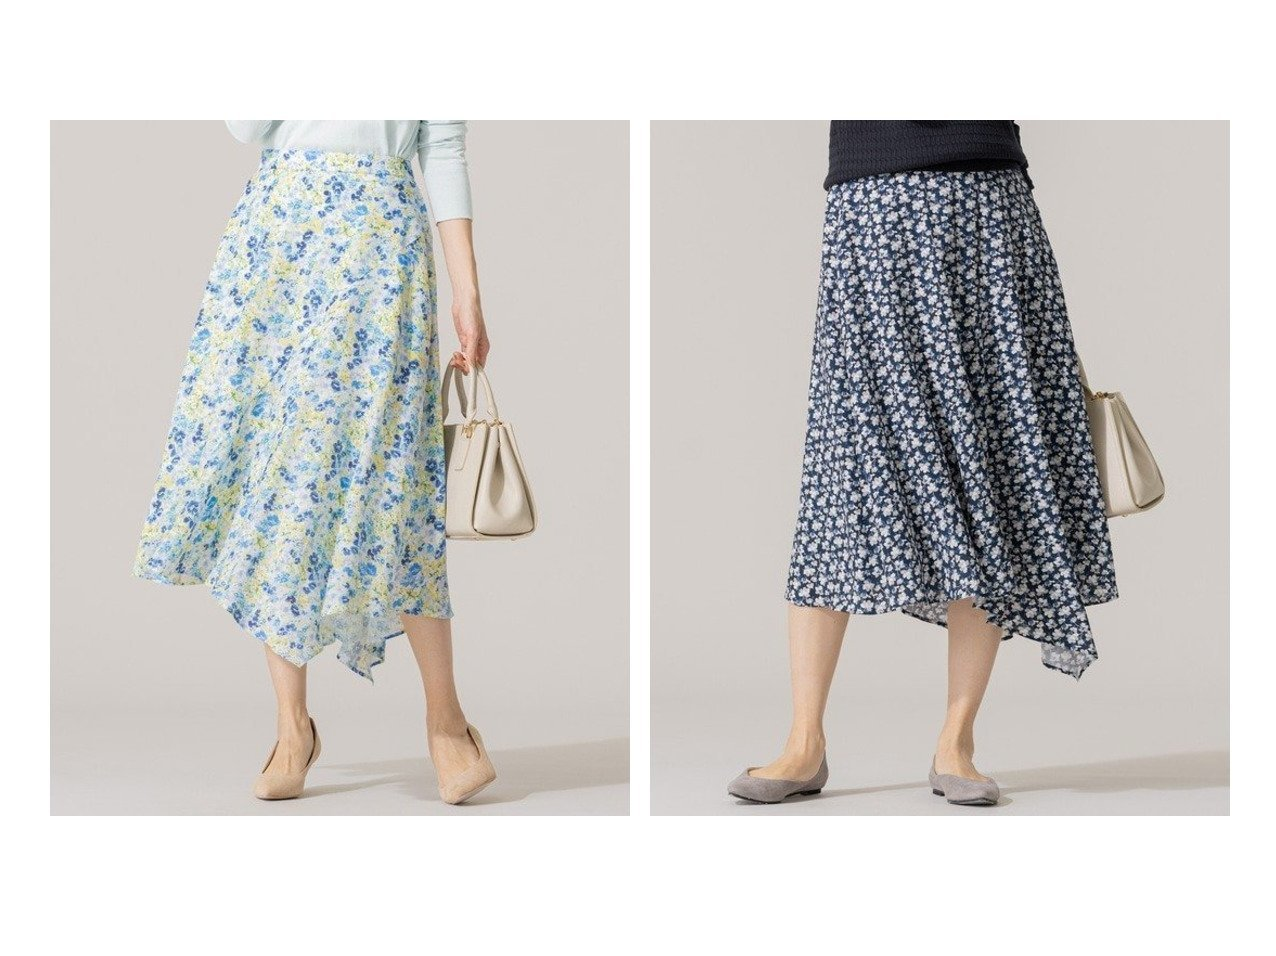 【KUMIKYOKU/組曲】のマルチパターンプリント フレアスカート スカートのおすすめ!人気、トレンド・レディースファッションの通販 おすすめで人気の流行・トレンド、ファッションの通販商品 メンズファッション・キッズファッション・インテリア・家具・レディースファッション・服の通販 founy(ファニー) https://founy.com/ ファッション Fashion レディースファッション WOMEN スカート Skirt Aライン/フレアスカート Flared A-Line Skirts イレギュラーヘム 春 Spring 吸水 ストライプ 定番 Standard フラワー フレア ブロード プリント モダン モチーフ リラックス 2021年 2021 S/S 春夏 SS Spring/Summer 2021 春夏 S/S SS Spring/Summer 2021 送料無料 Free Shipping |ID:crp329100000018914